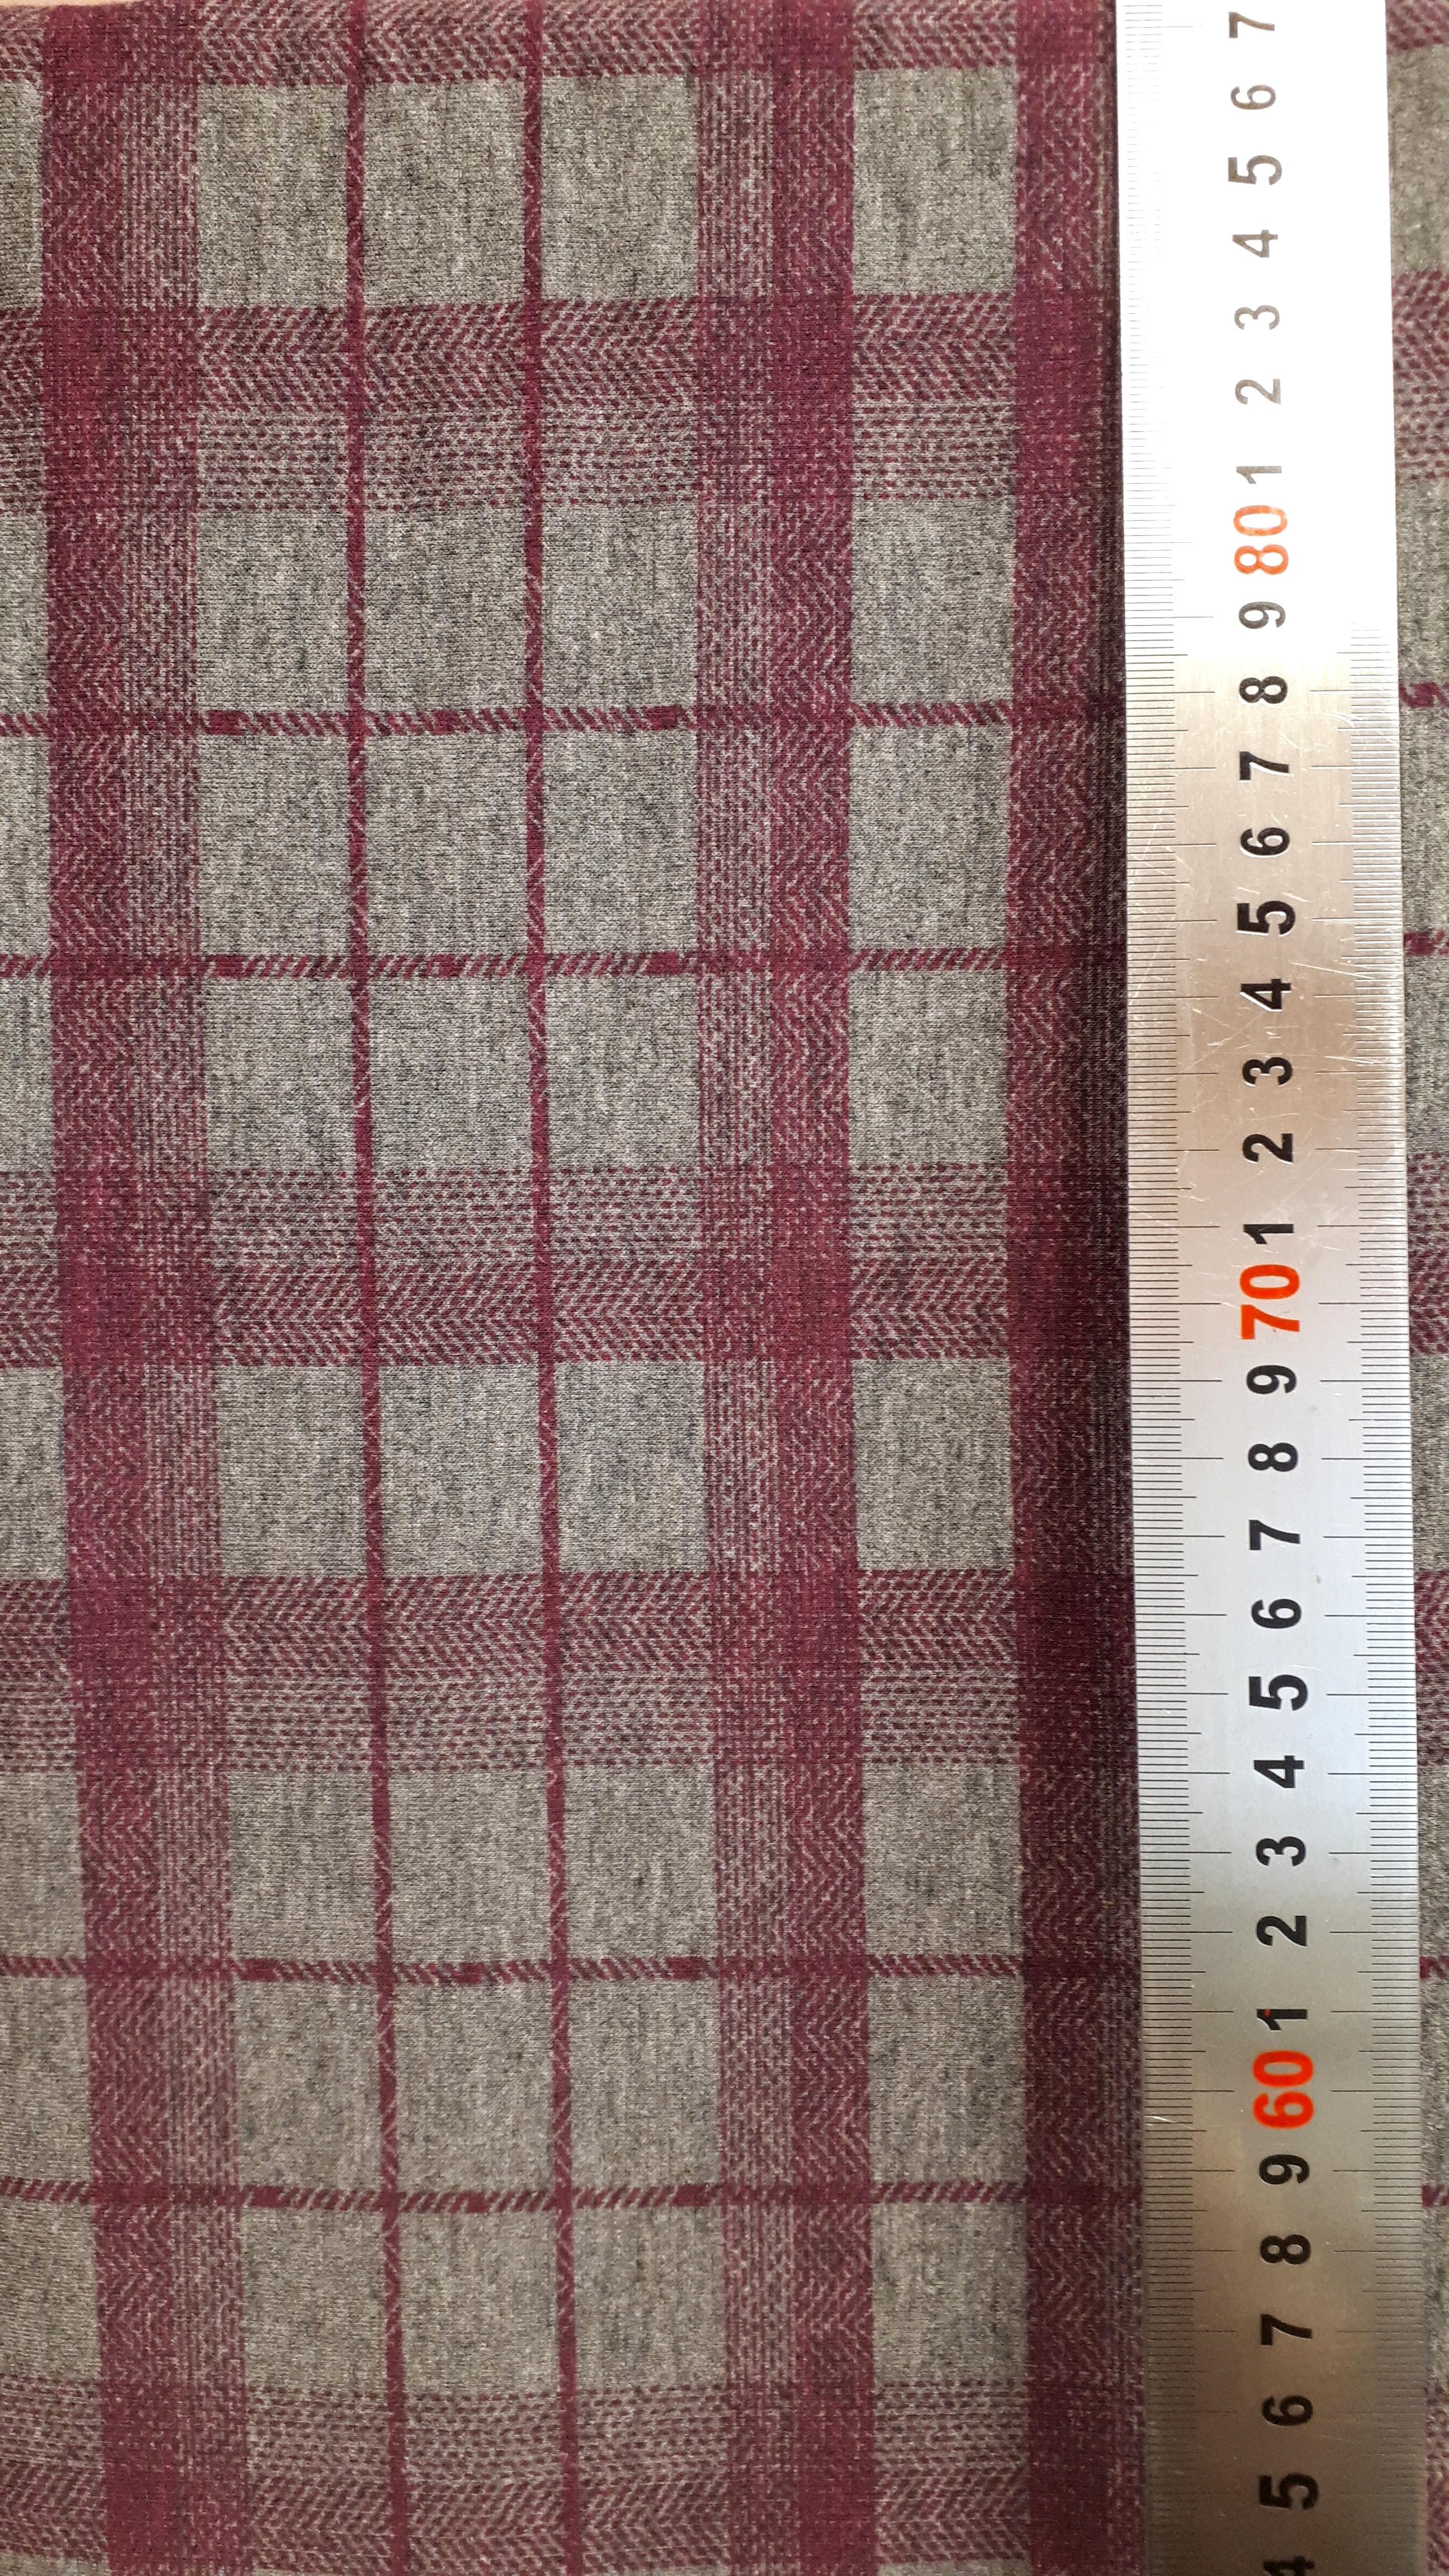 Melanžēta trikotāža ar rūtainu rakstu - 1.7m gabals